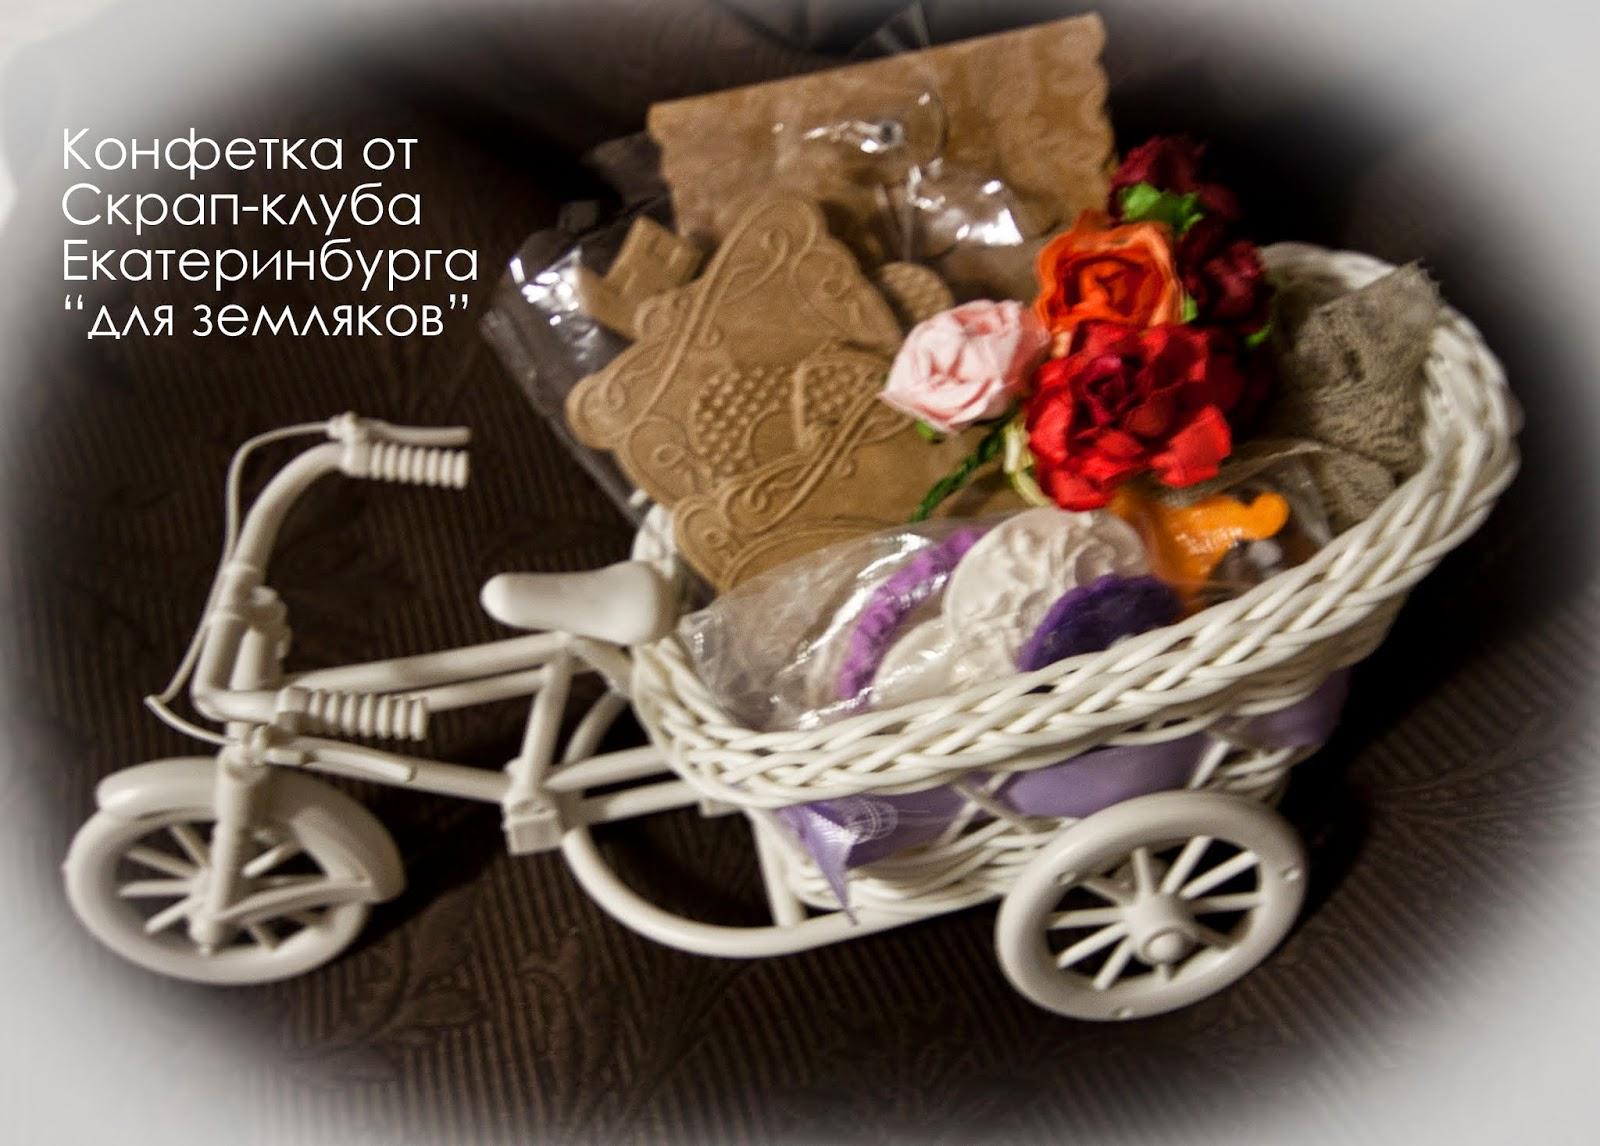 """Скрап-клуб Екатеринбурга """"для земляков"""""""